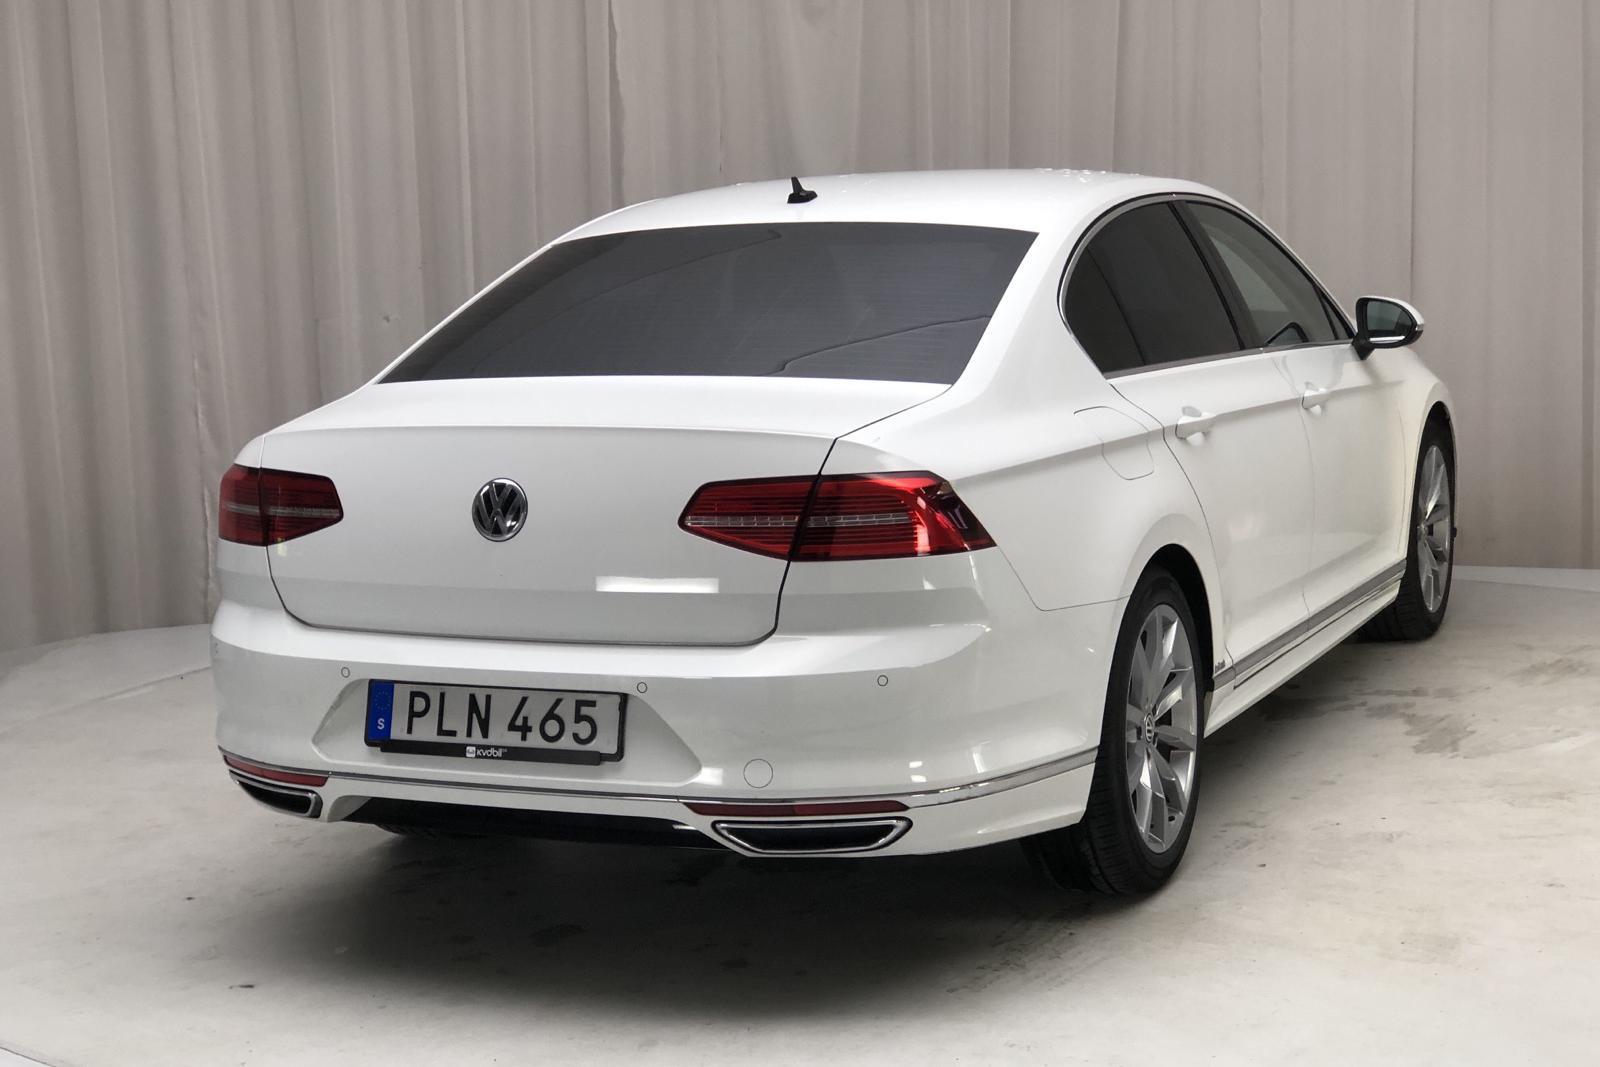 VW Passat 2.0 TDI (190hk) - 6 125 mil - Manuell - vit - 2018